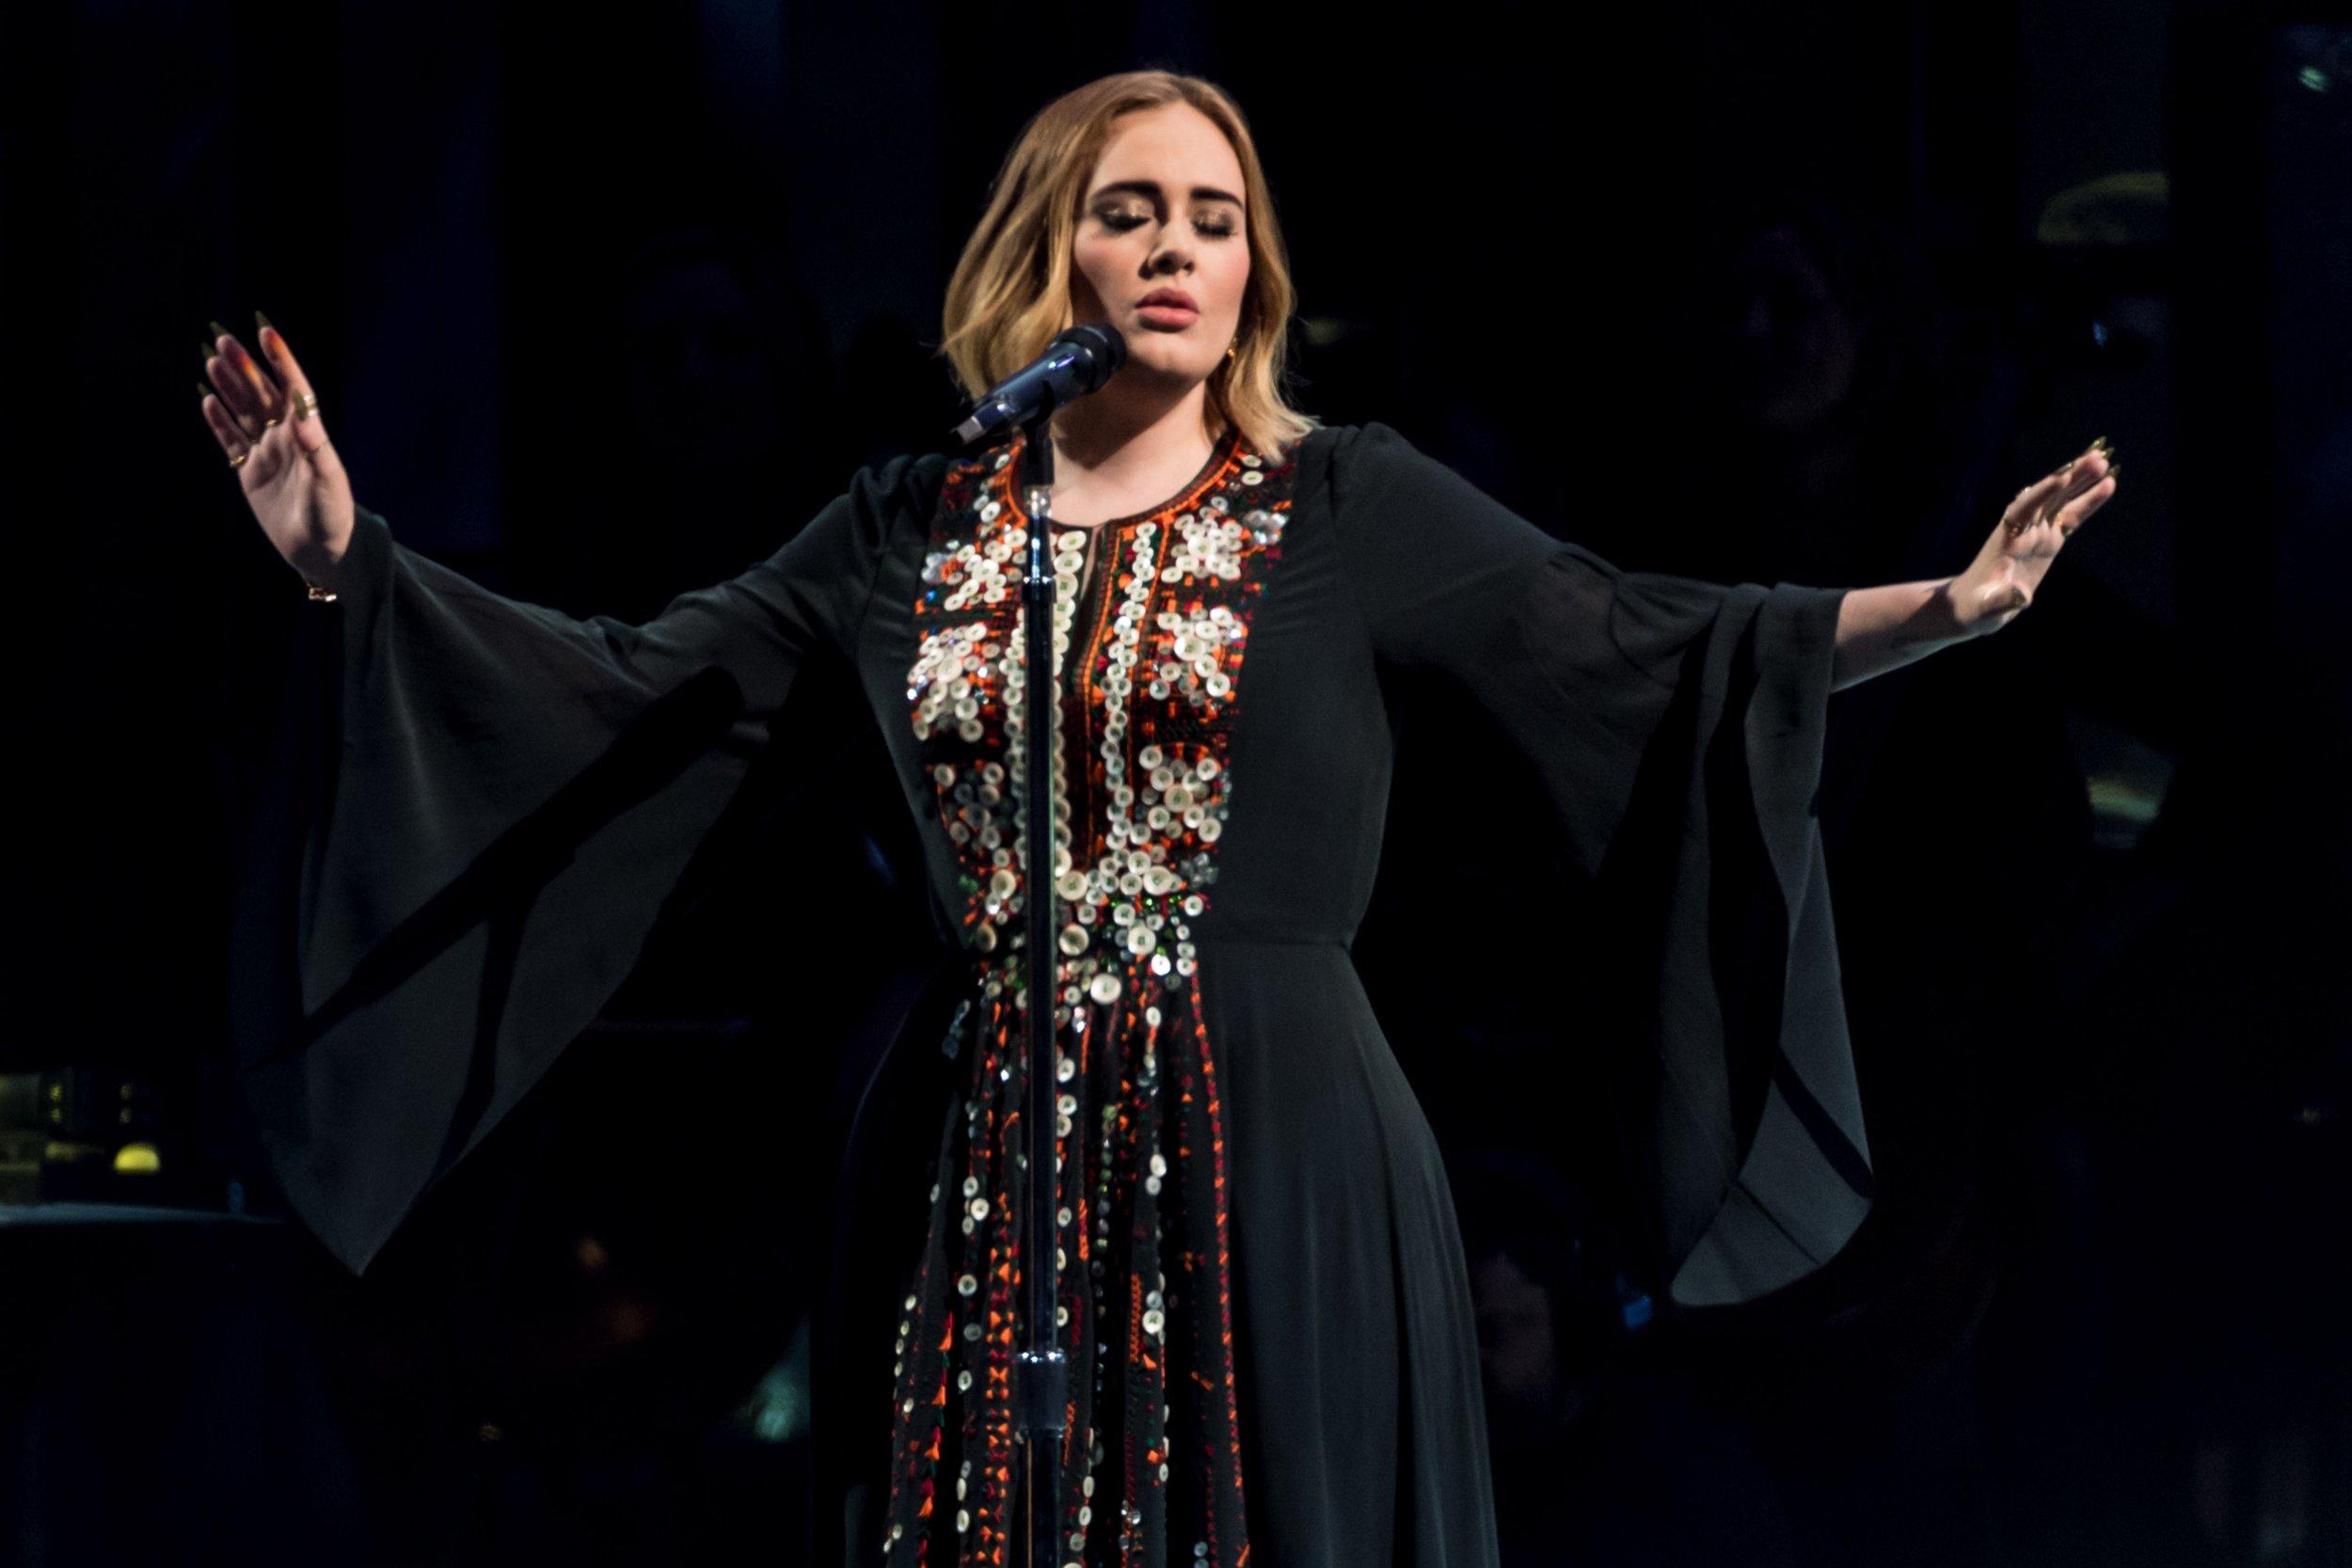 Adele at Glastonbury